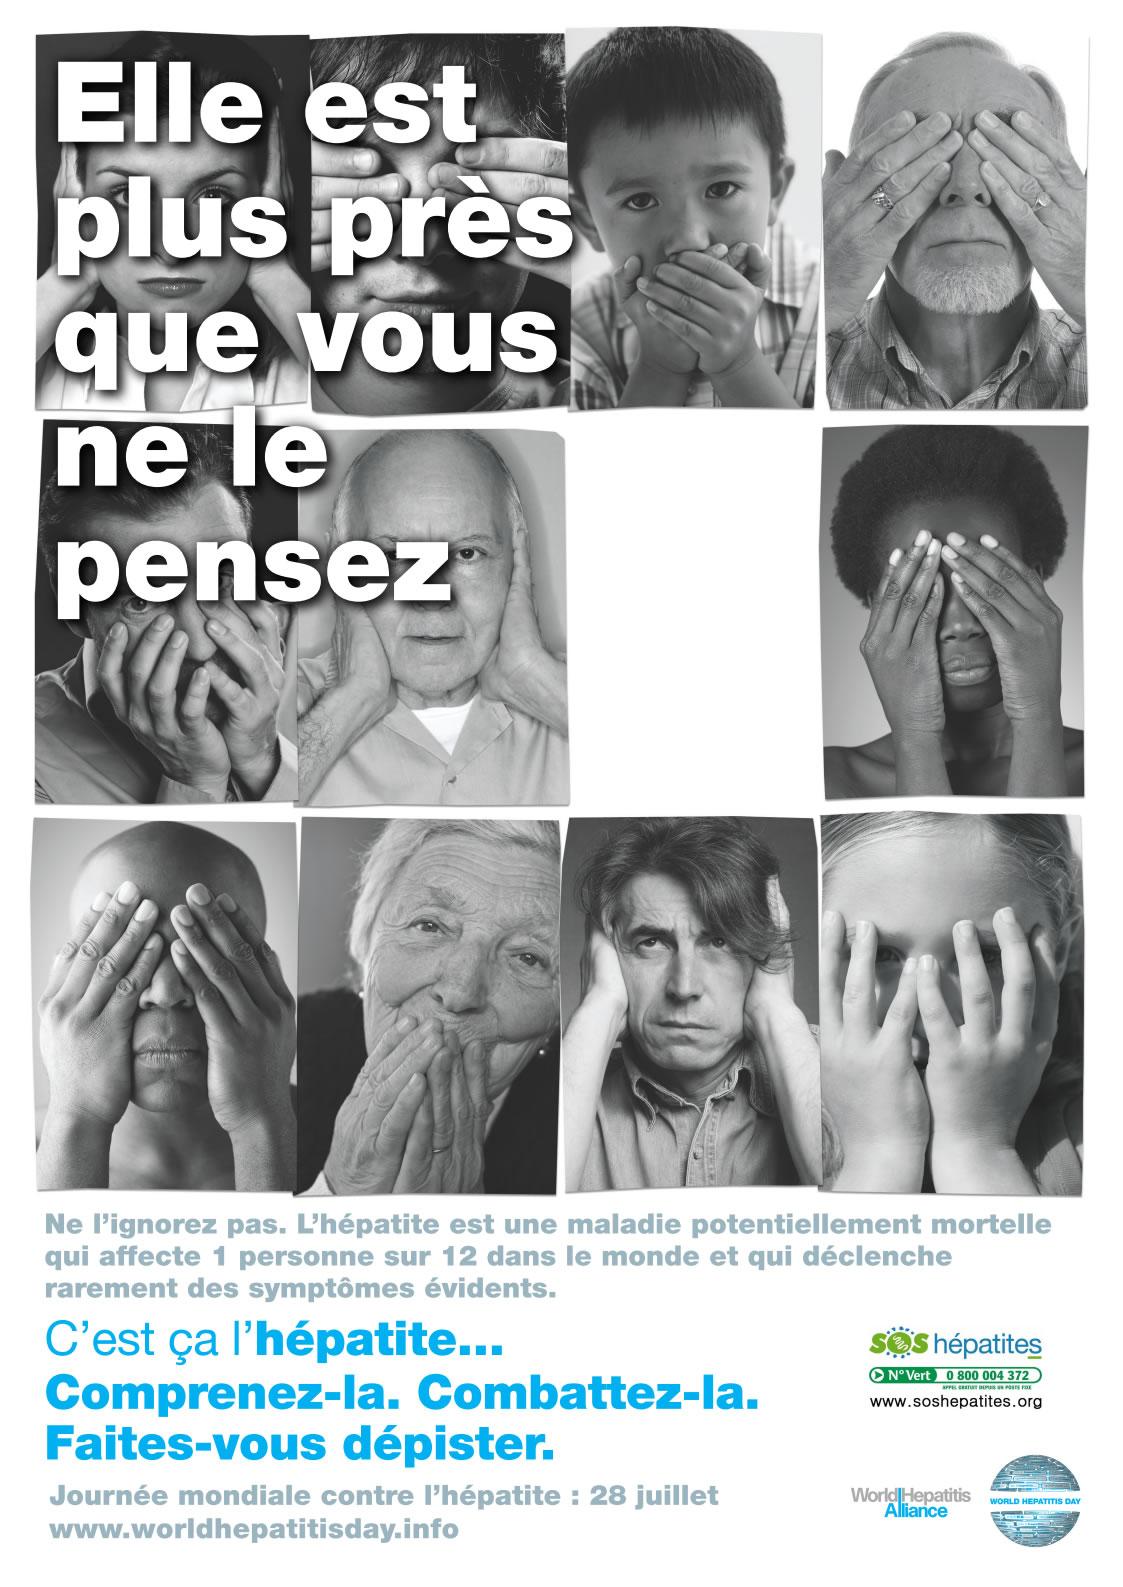 Elle est plus près de vous que vous ne le pensez... Journée mondiale contre l'hépatite 28 juillet - image/jpeg